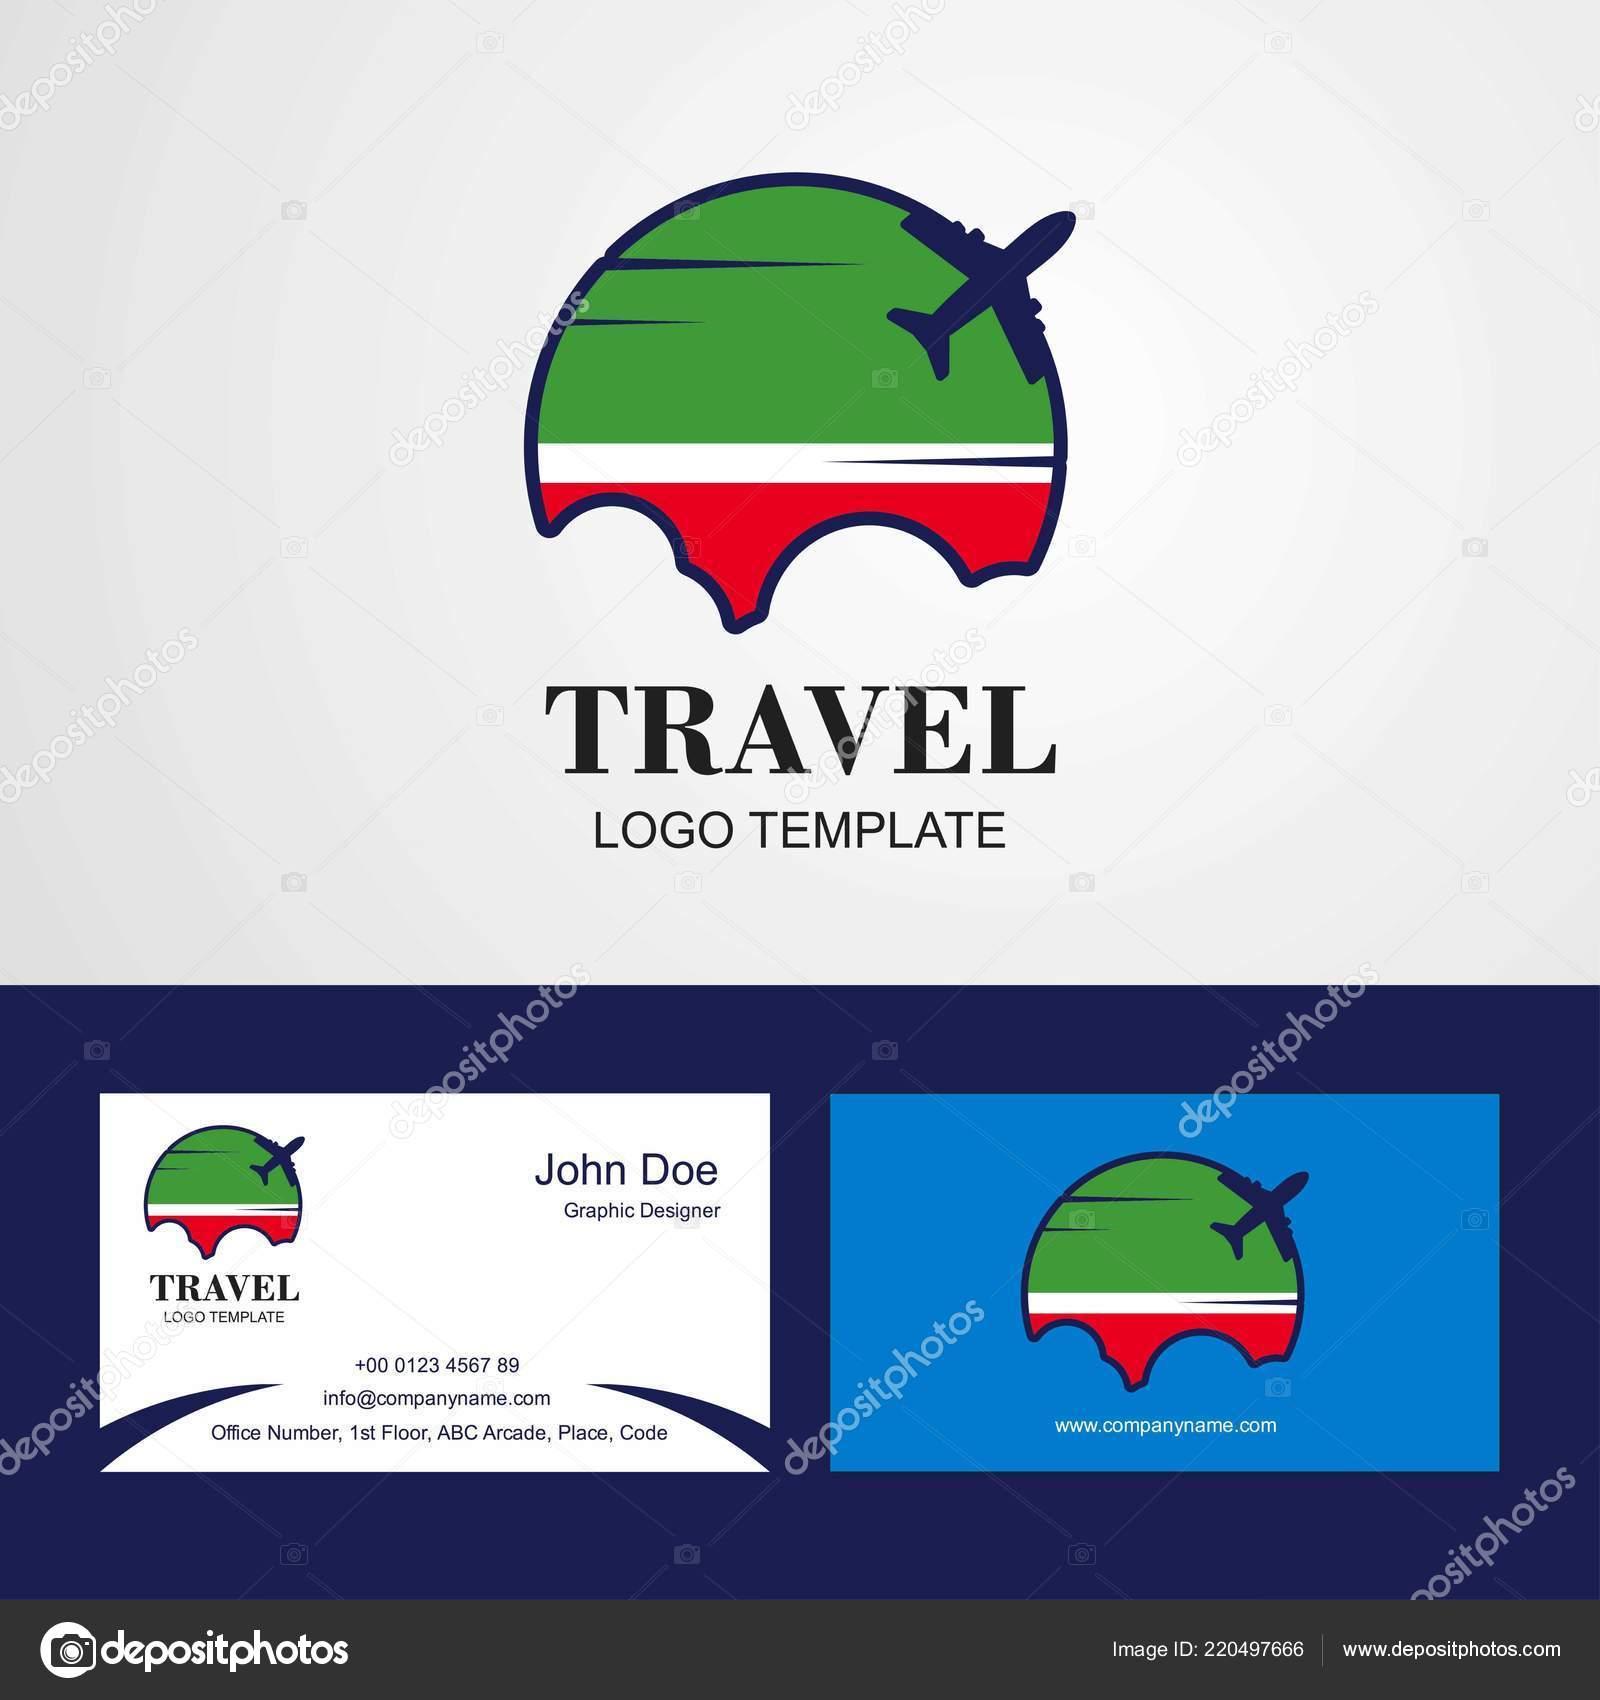 Rpublique Tchtchne Voyage Drapeau Logo Carte Visite Design Image Vectorielle